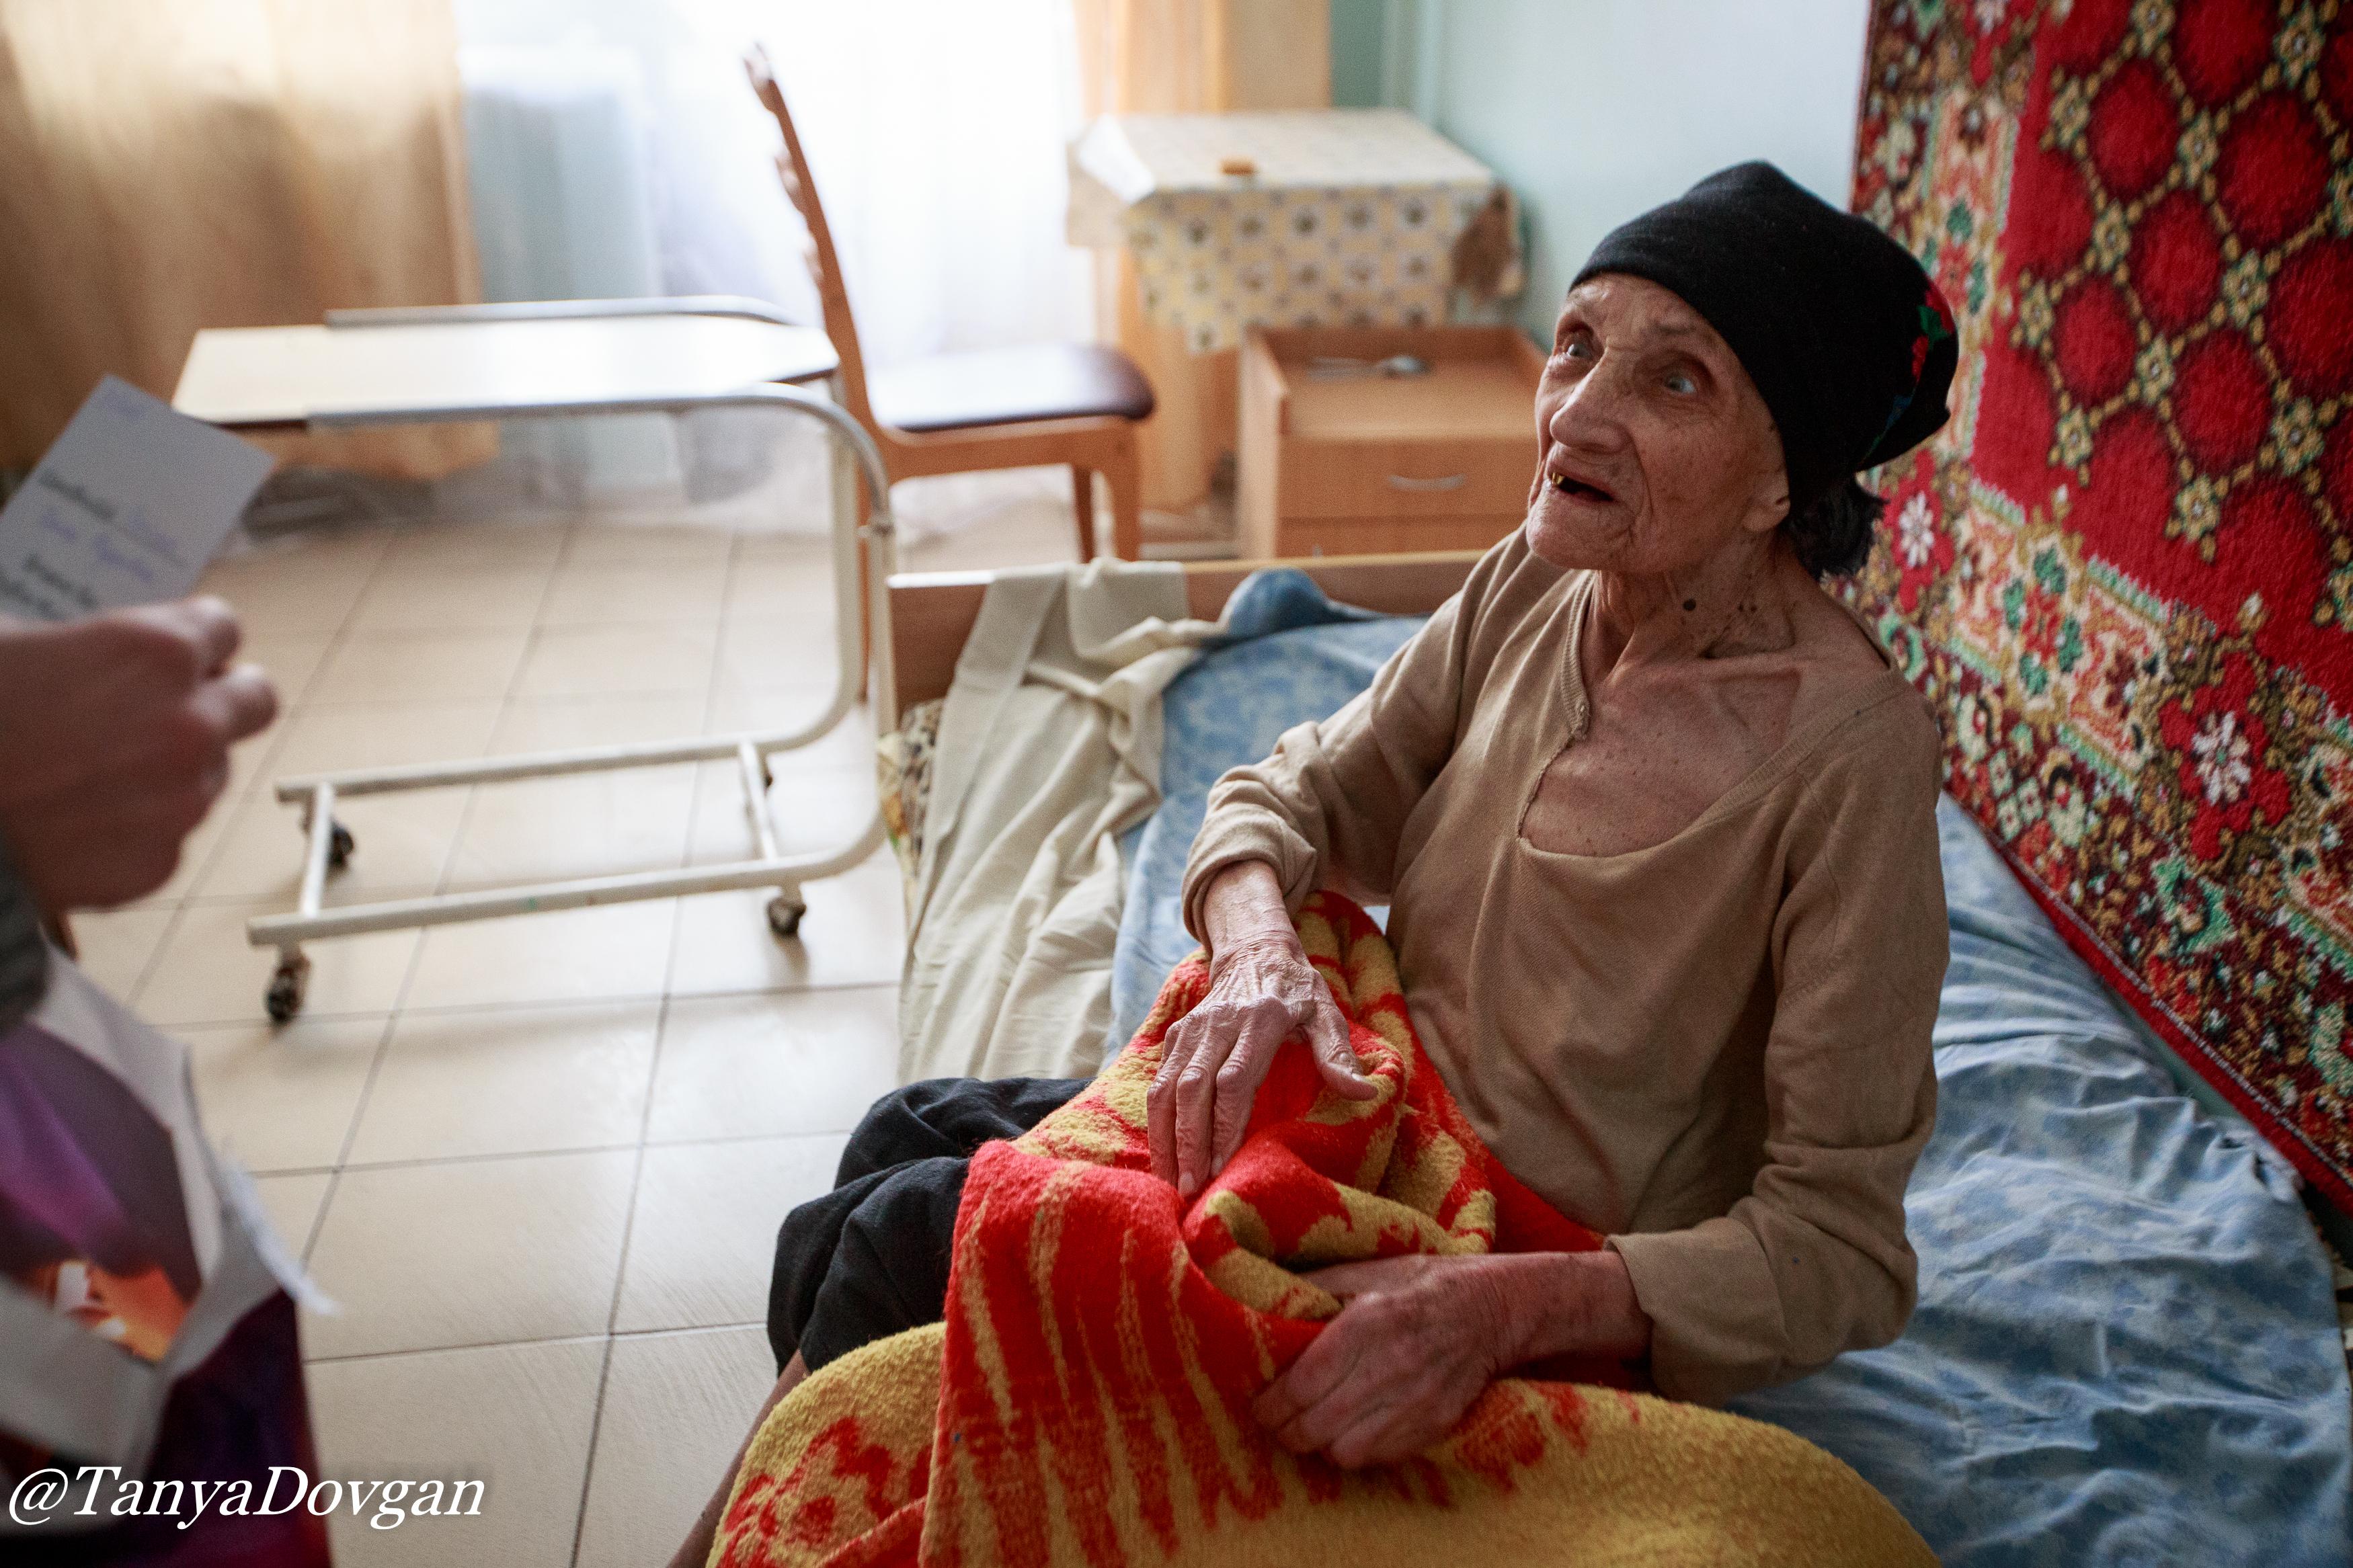 обслуживание на дому пожилых людей вакансии